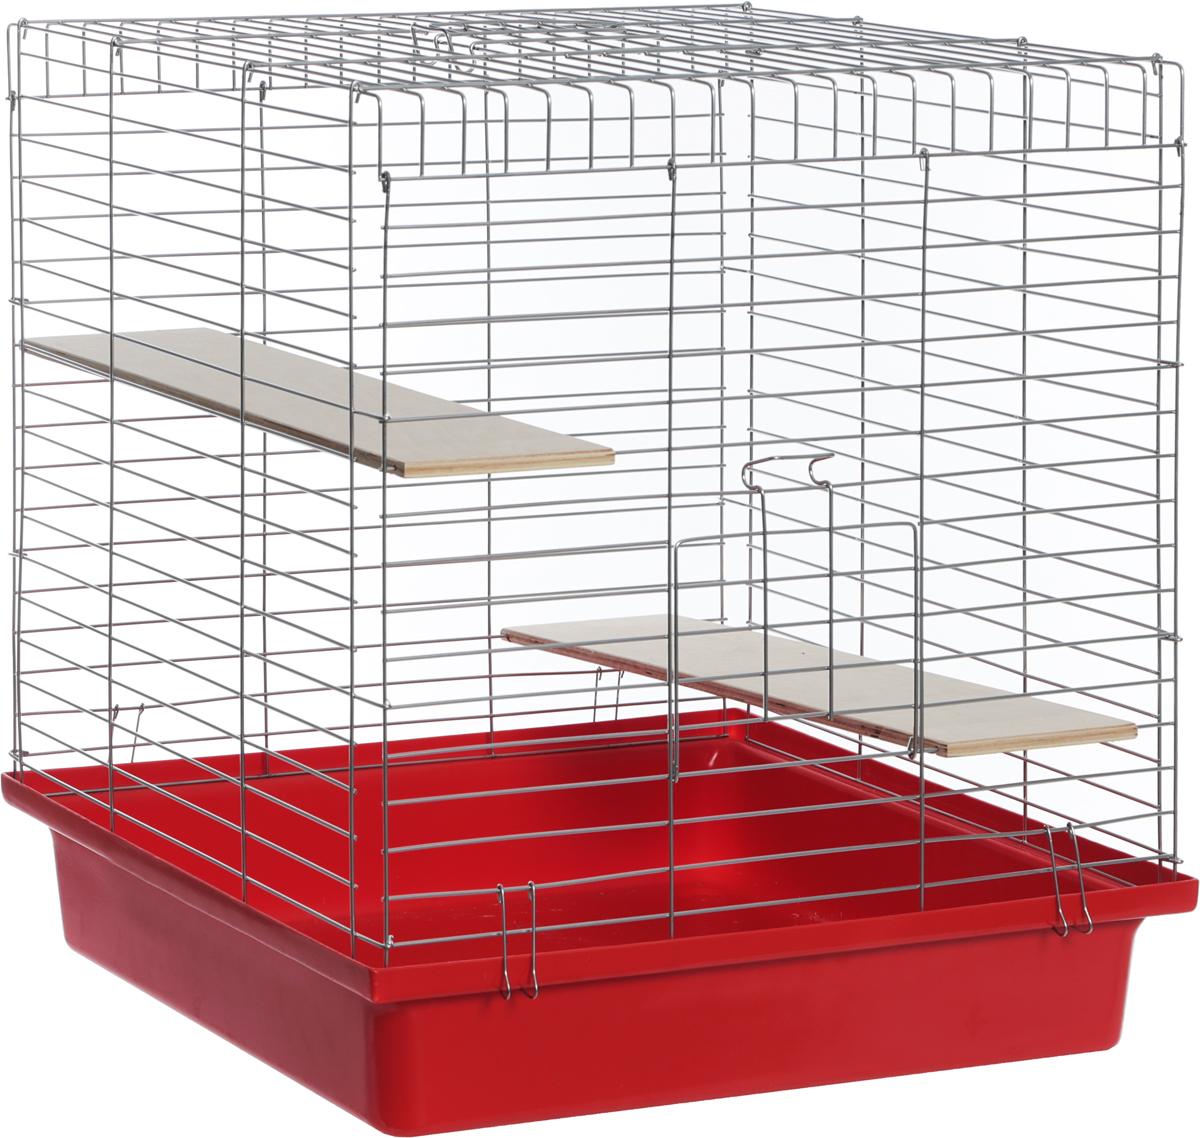 Клетка для шиншилл Велес Lusy Jerry, разборная, 56 х 50 х 60 см клетка для грызунов велес с полками цвет серый 40 х 58 х 45 см